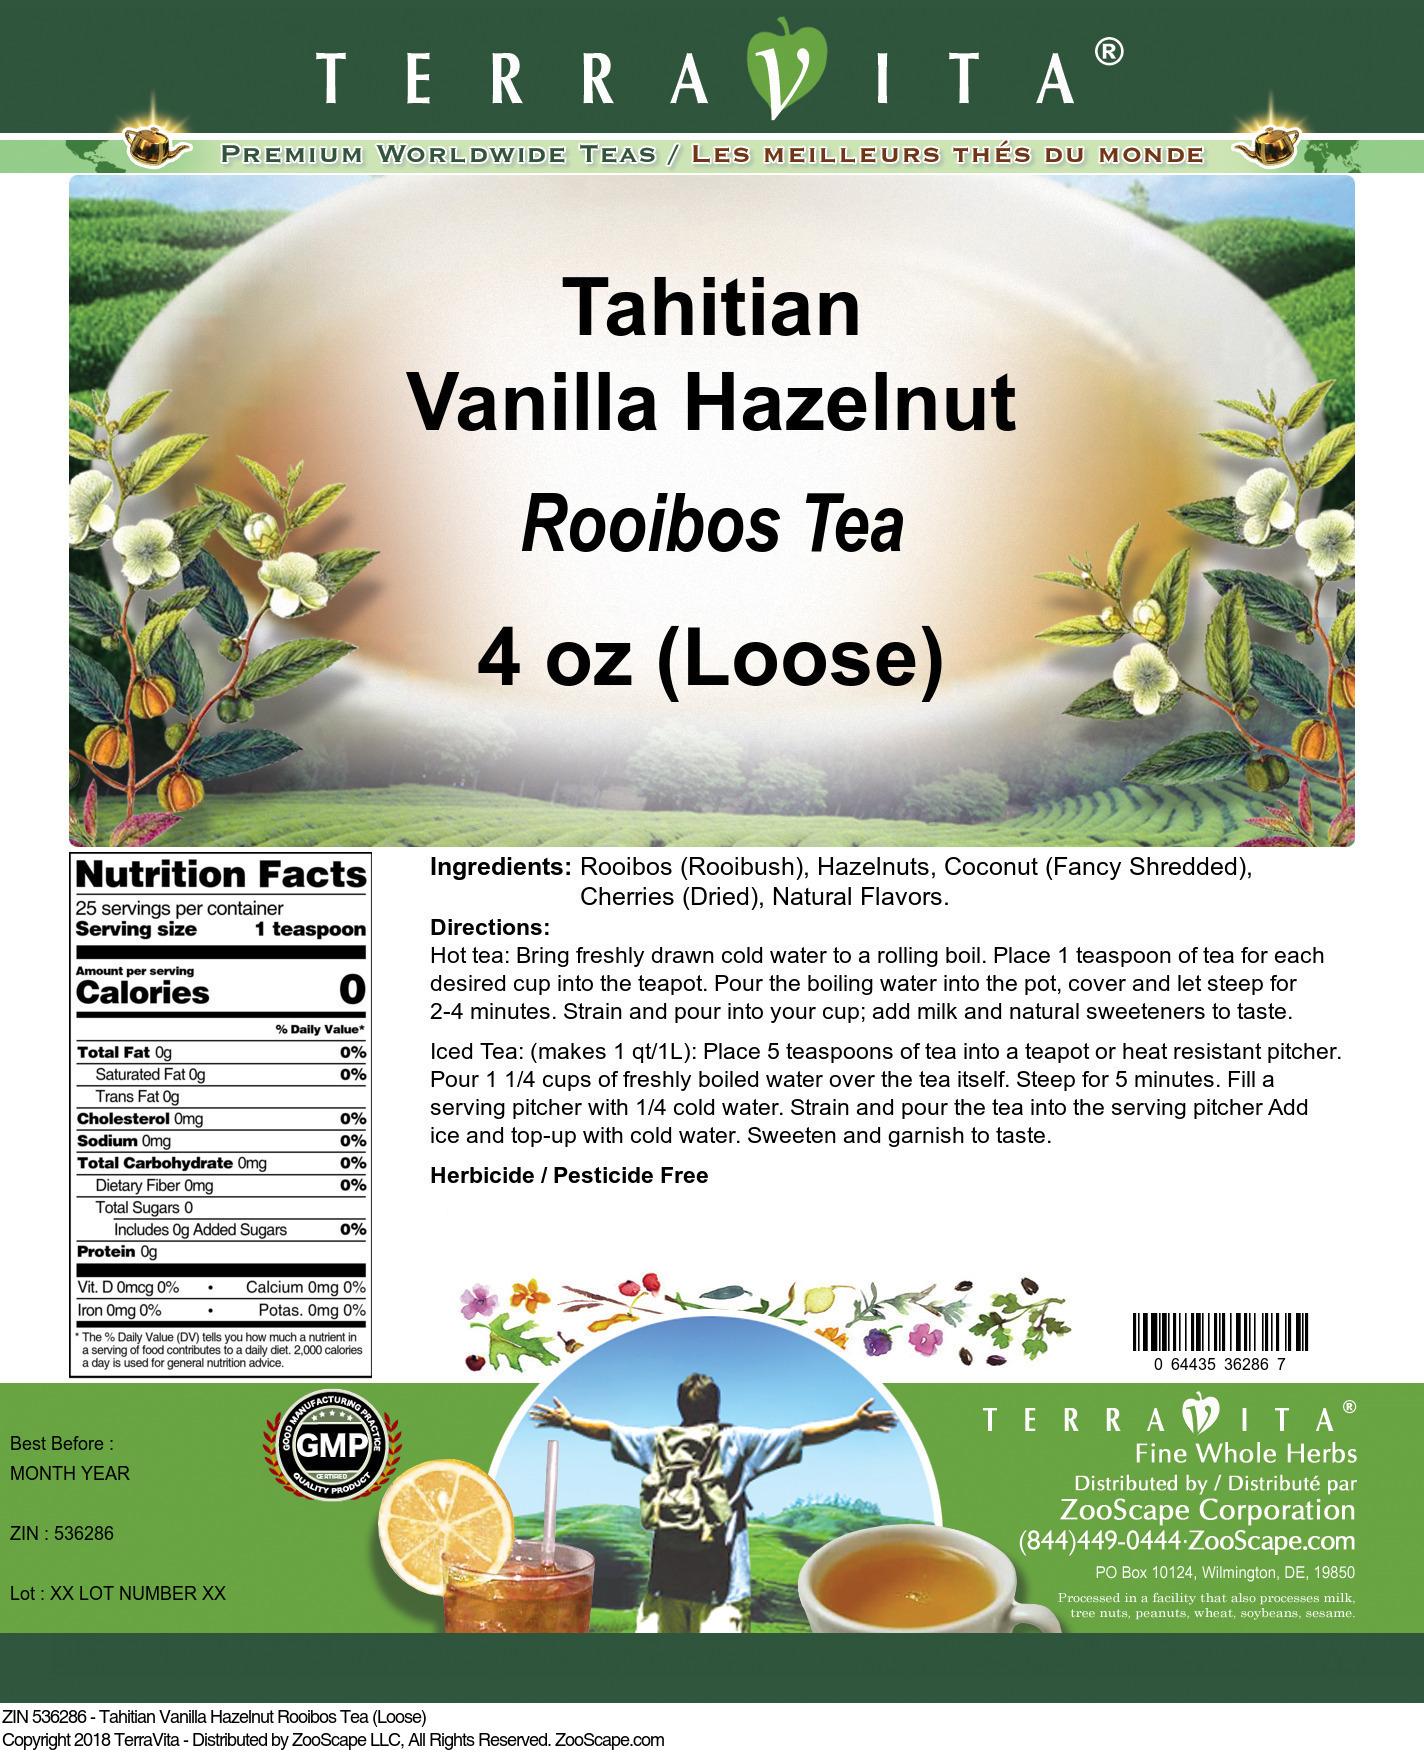 Tahitian Vanilla Hazelnut Rooibos Tea